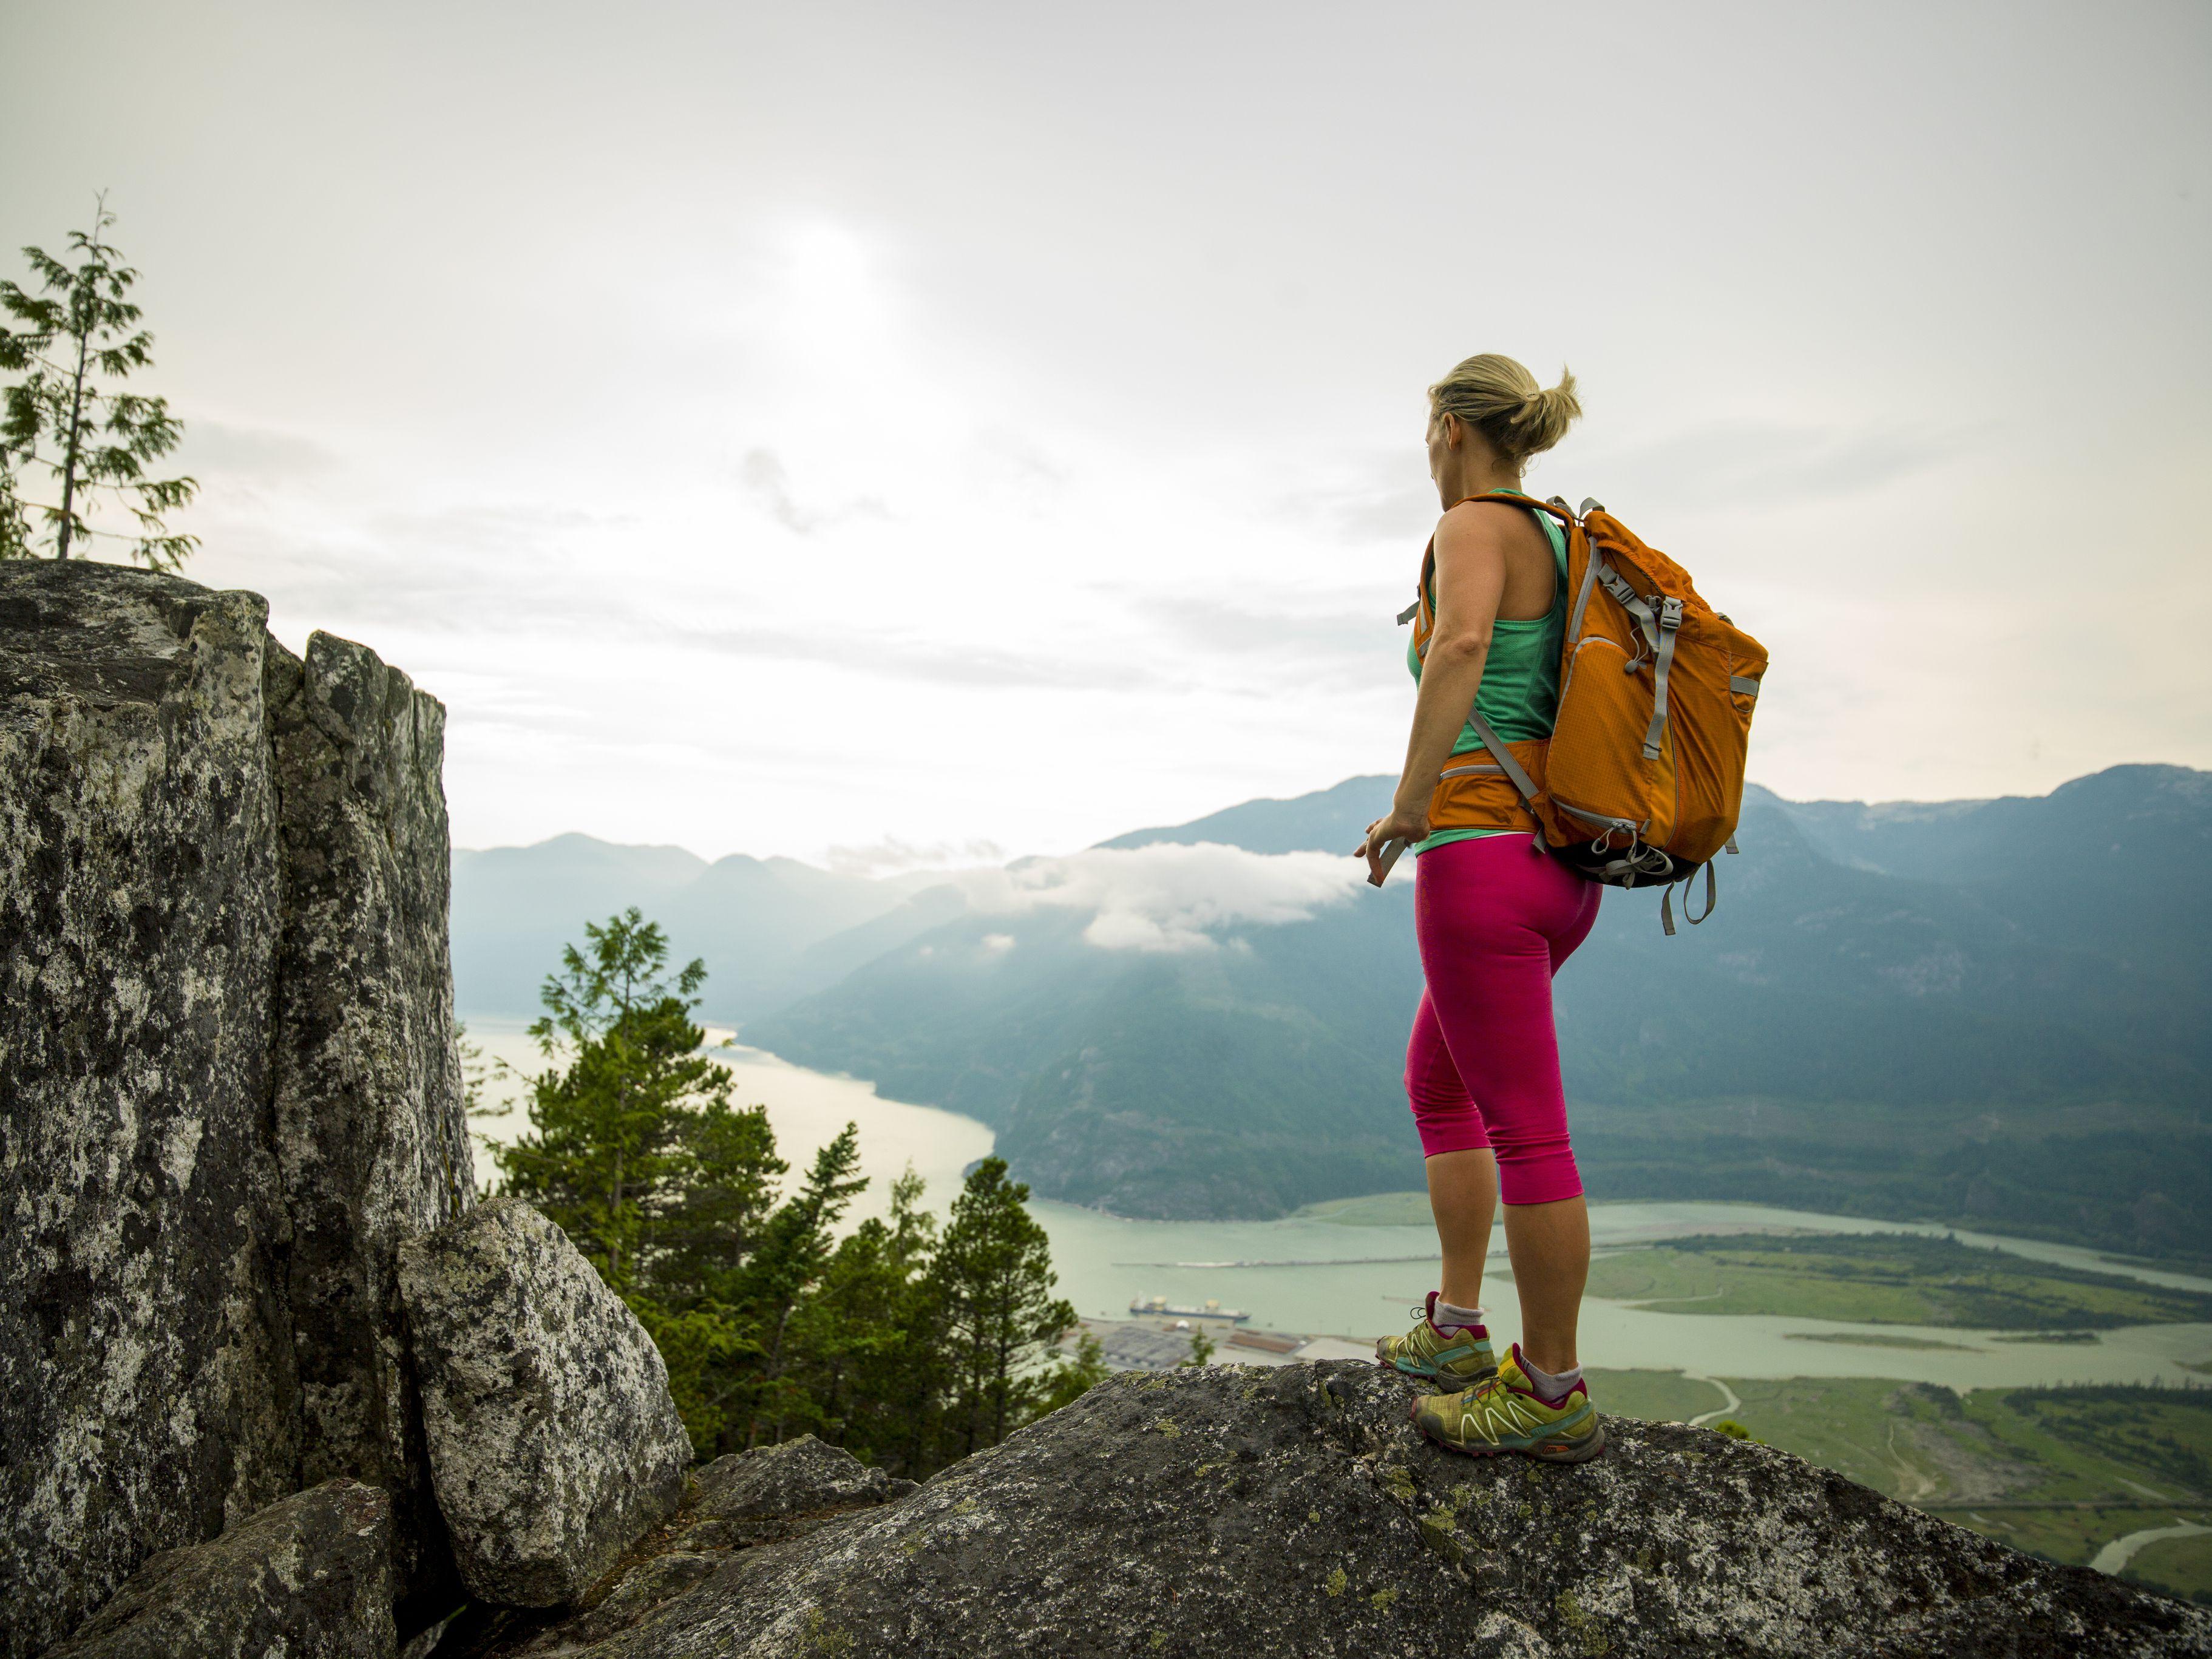 Caminante mira desde la cresta de la montaña